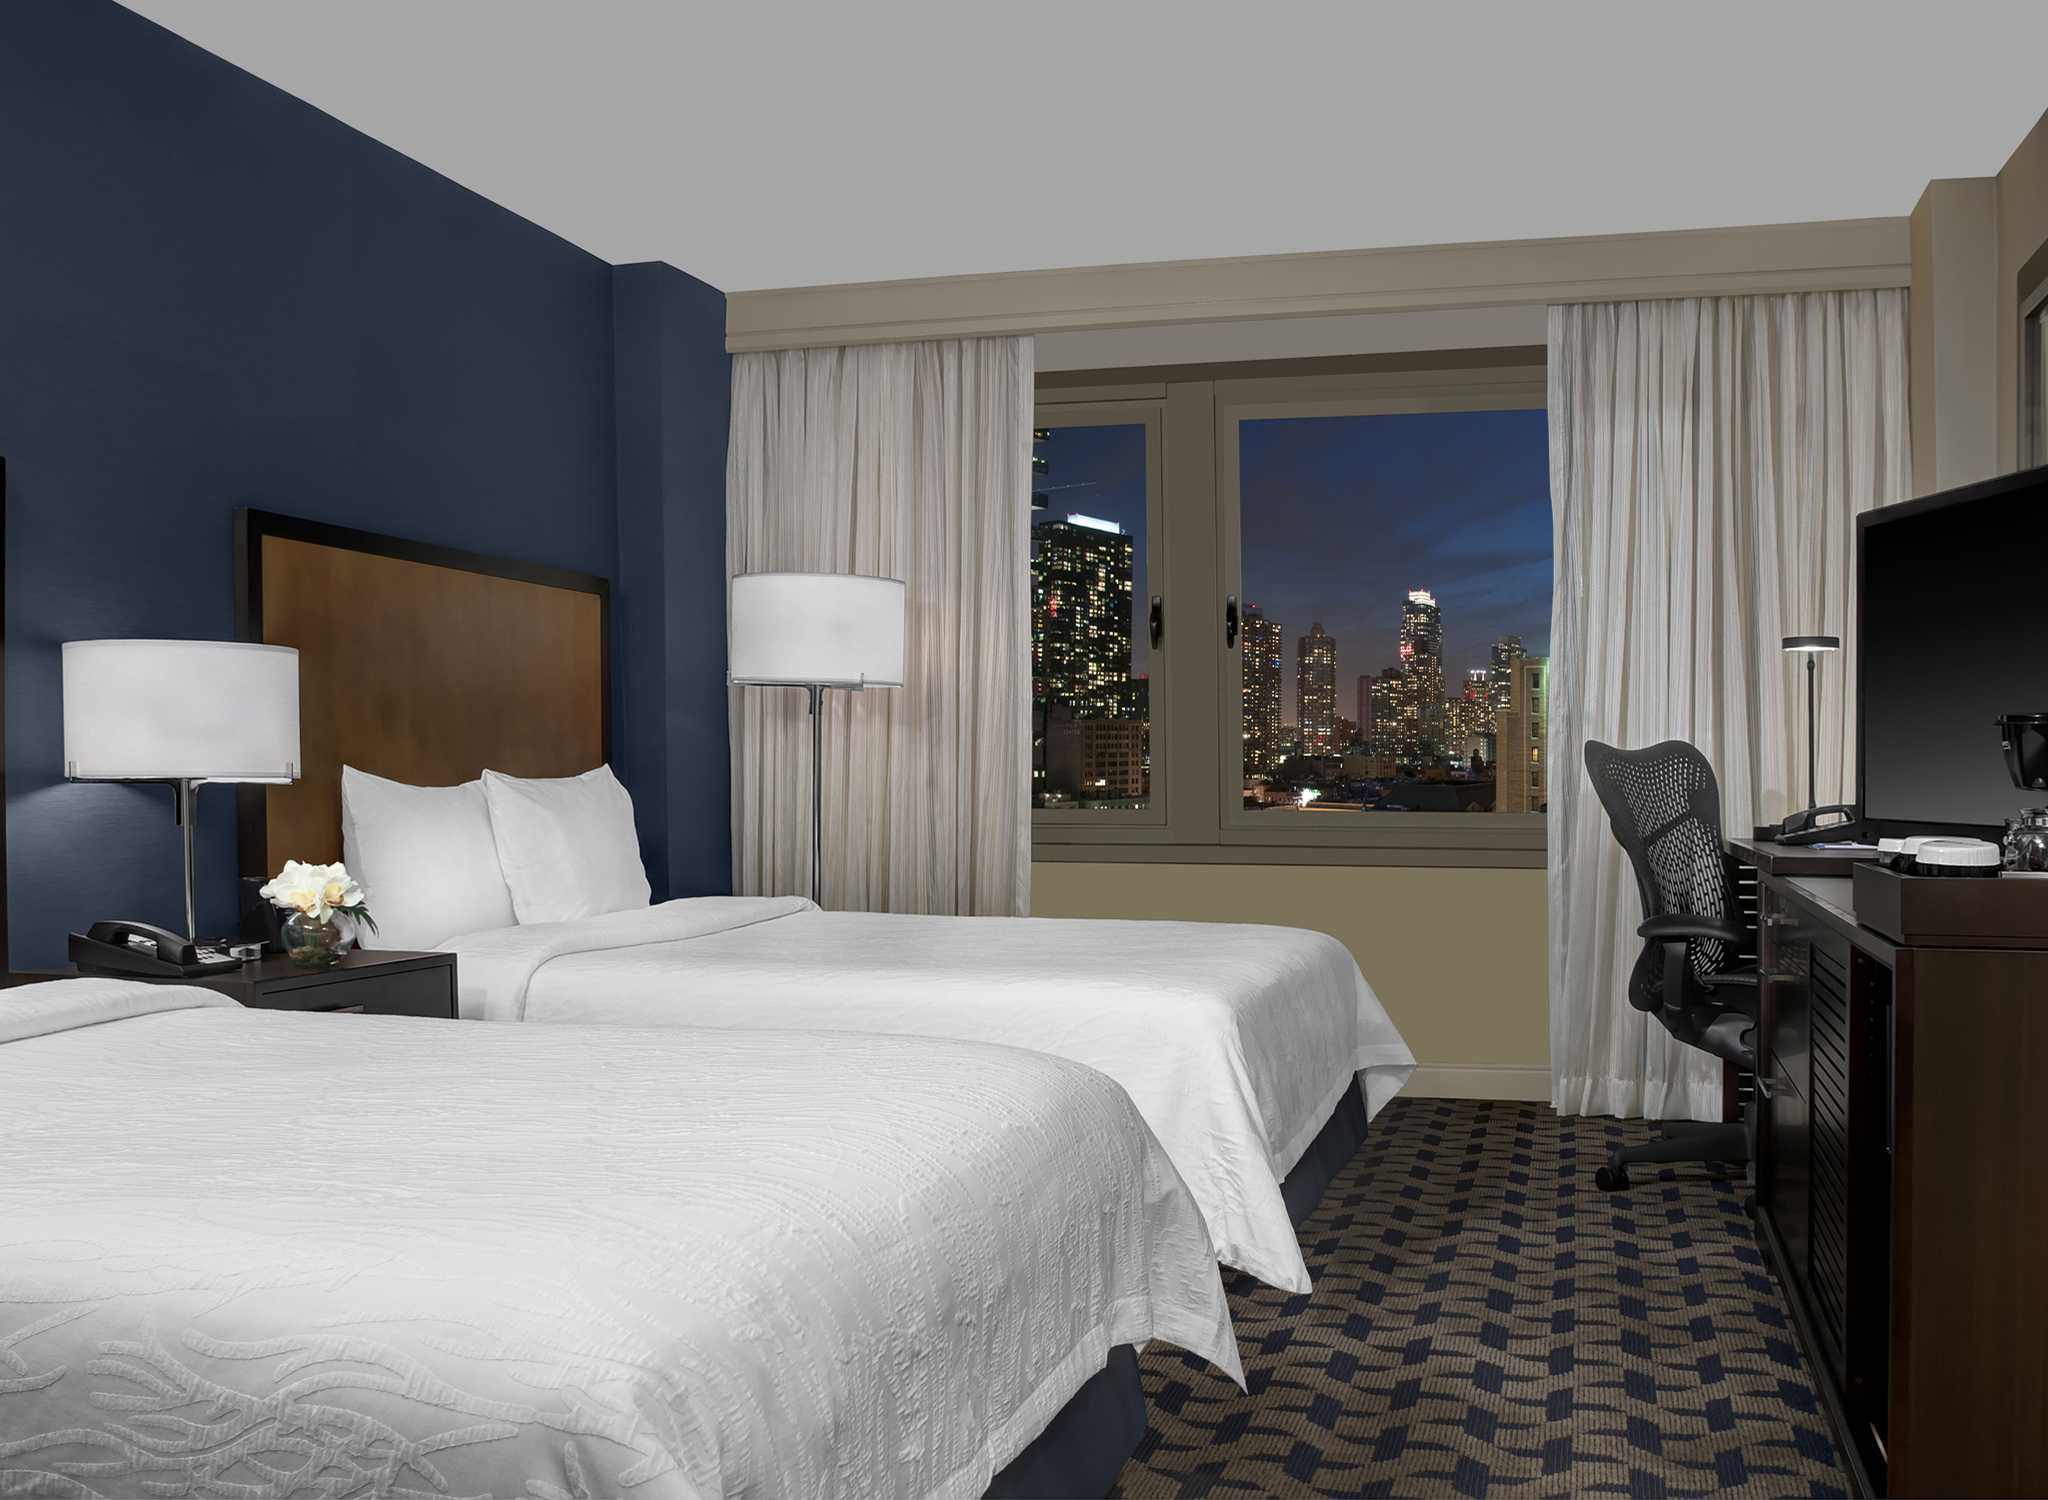 Hilton garden inn times square vid 8th avenue for Garden rooms york